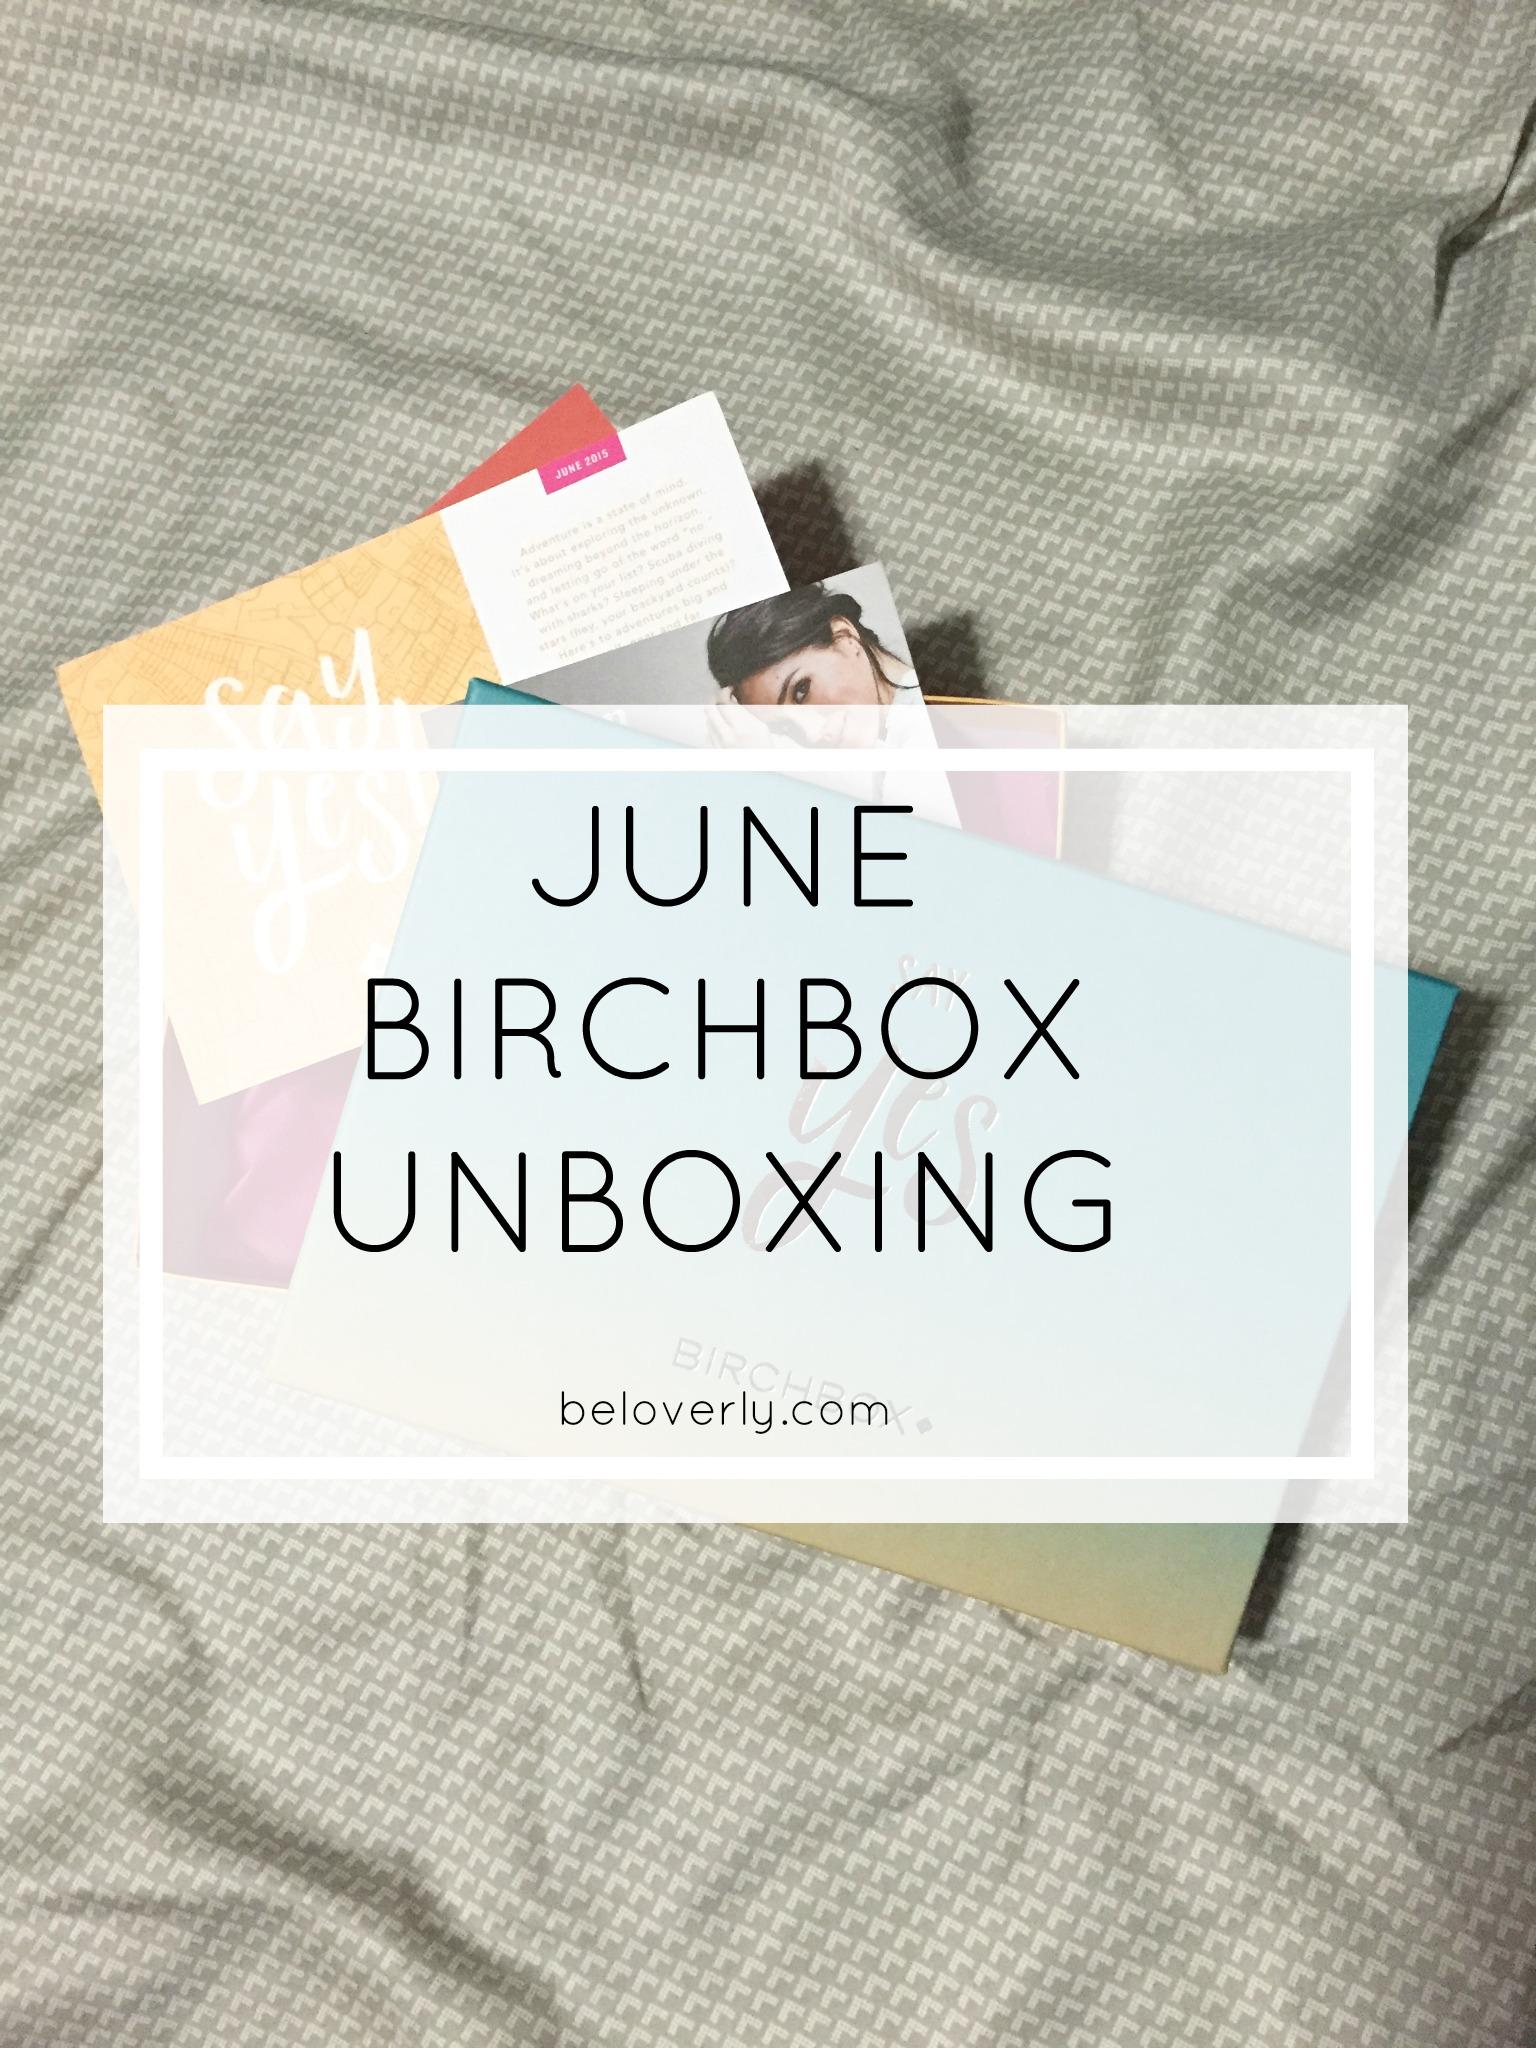 junebirchboxunboxing2015-3